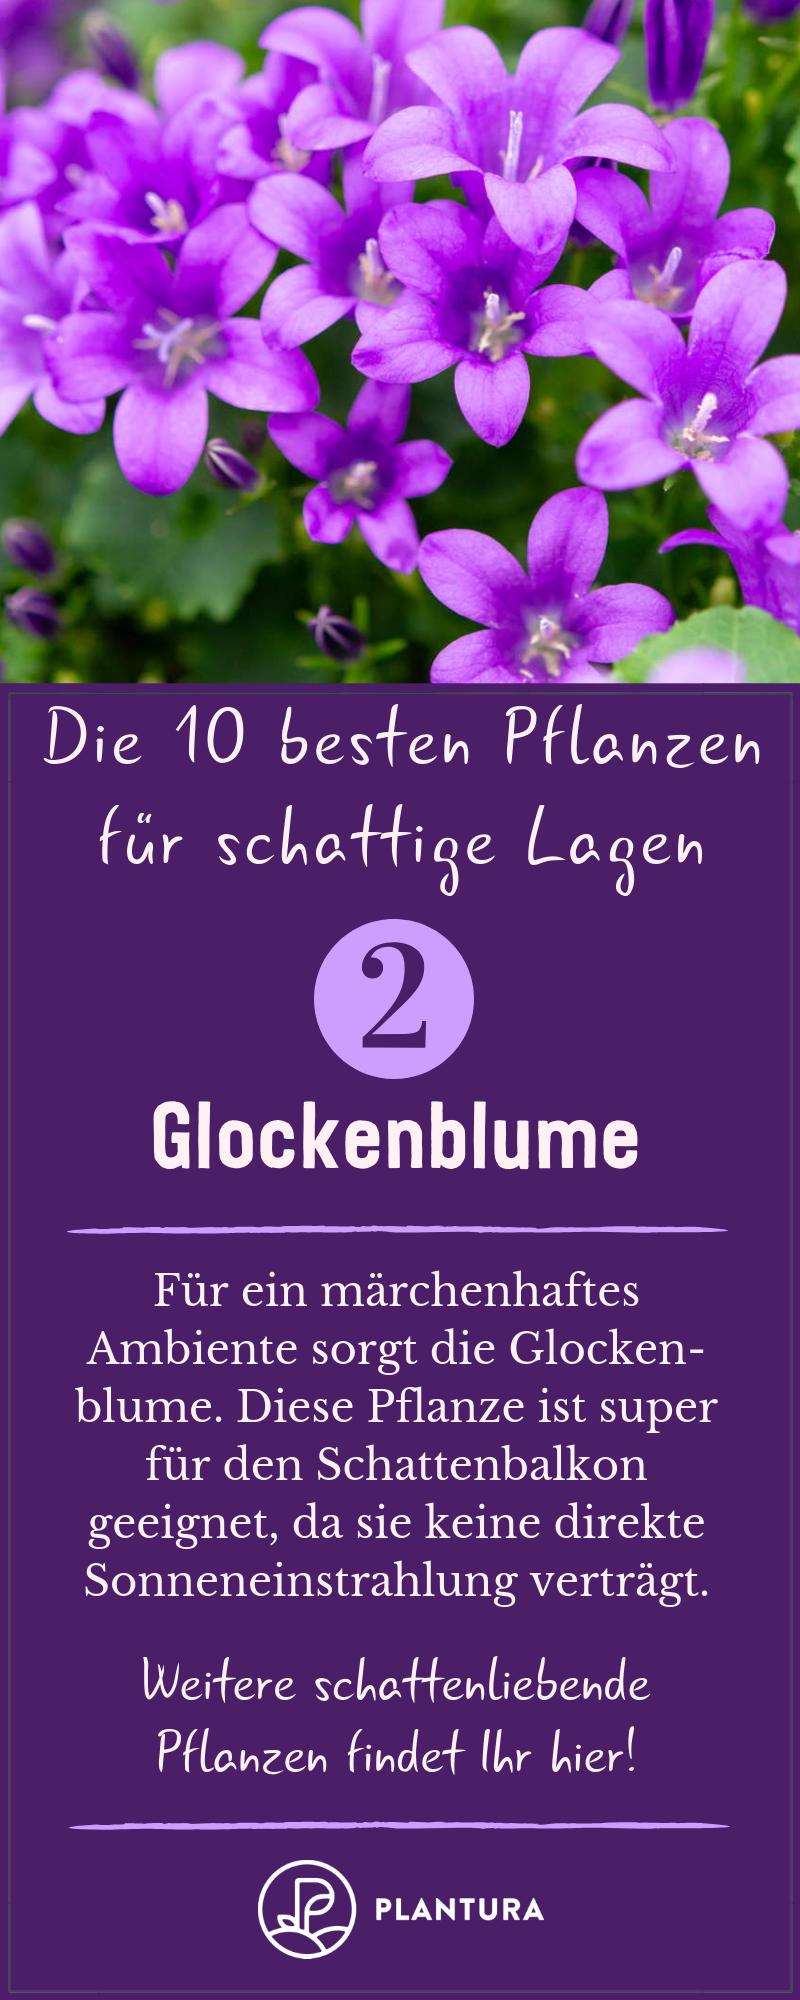 Schattenbalkon: Die 10 besten Pflanzen für schattige Lagen - Plantura